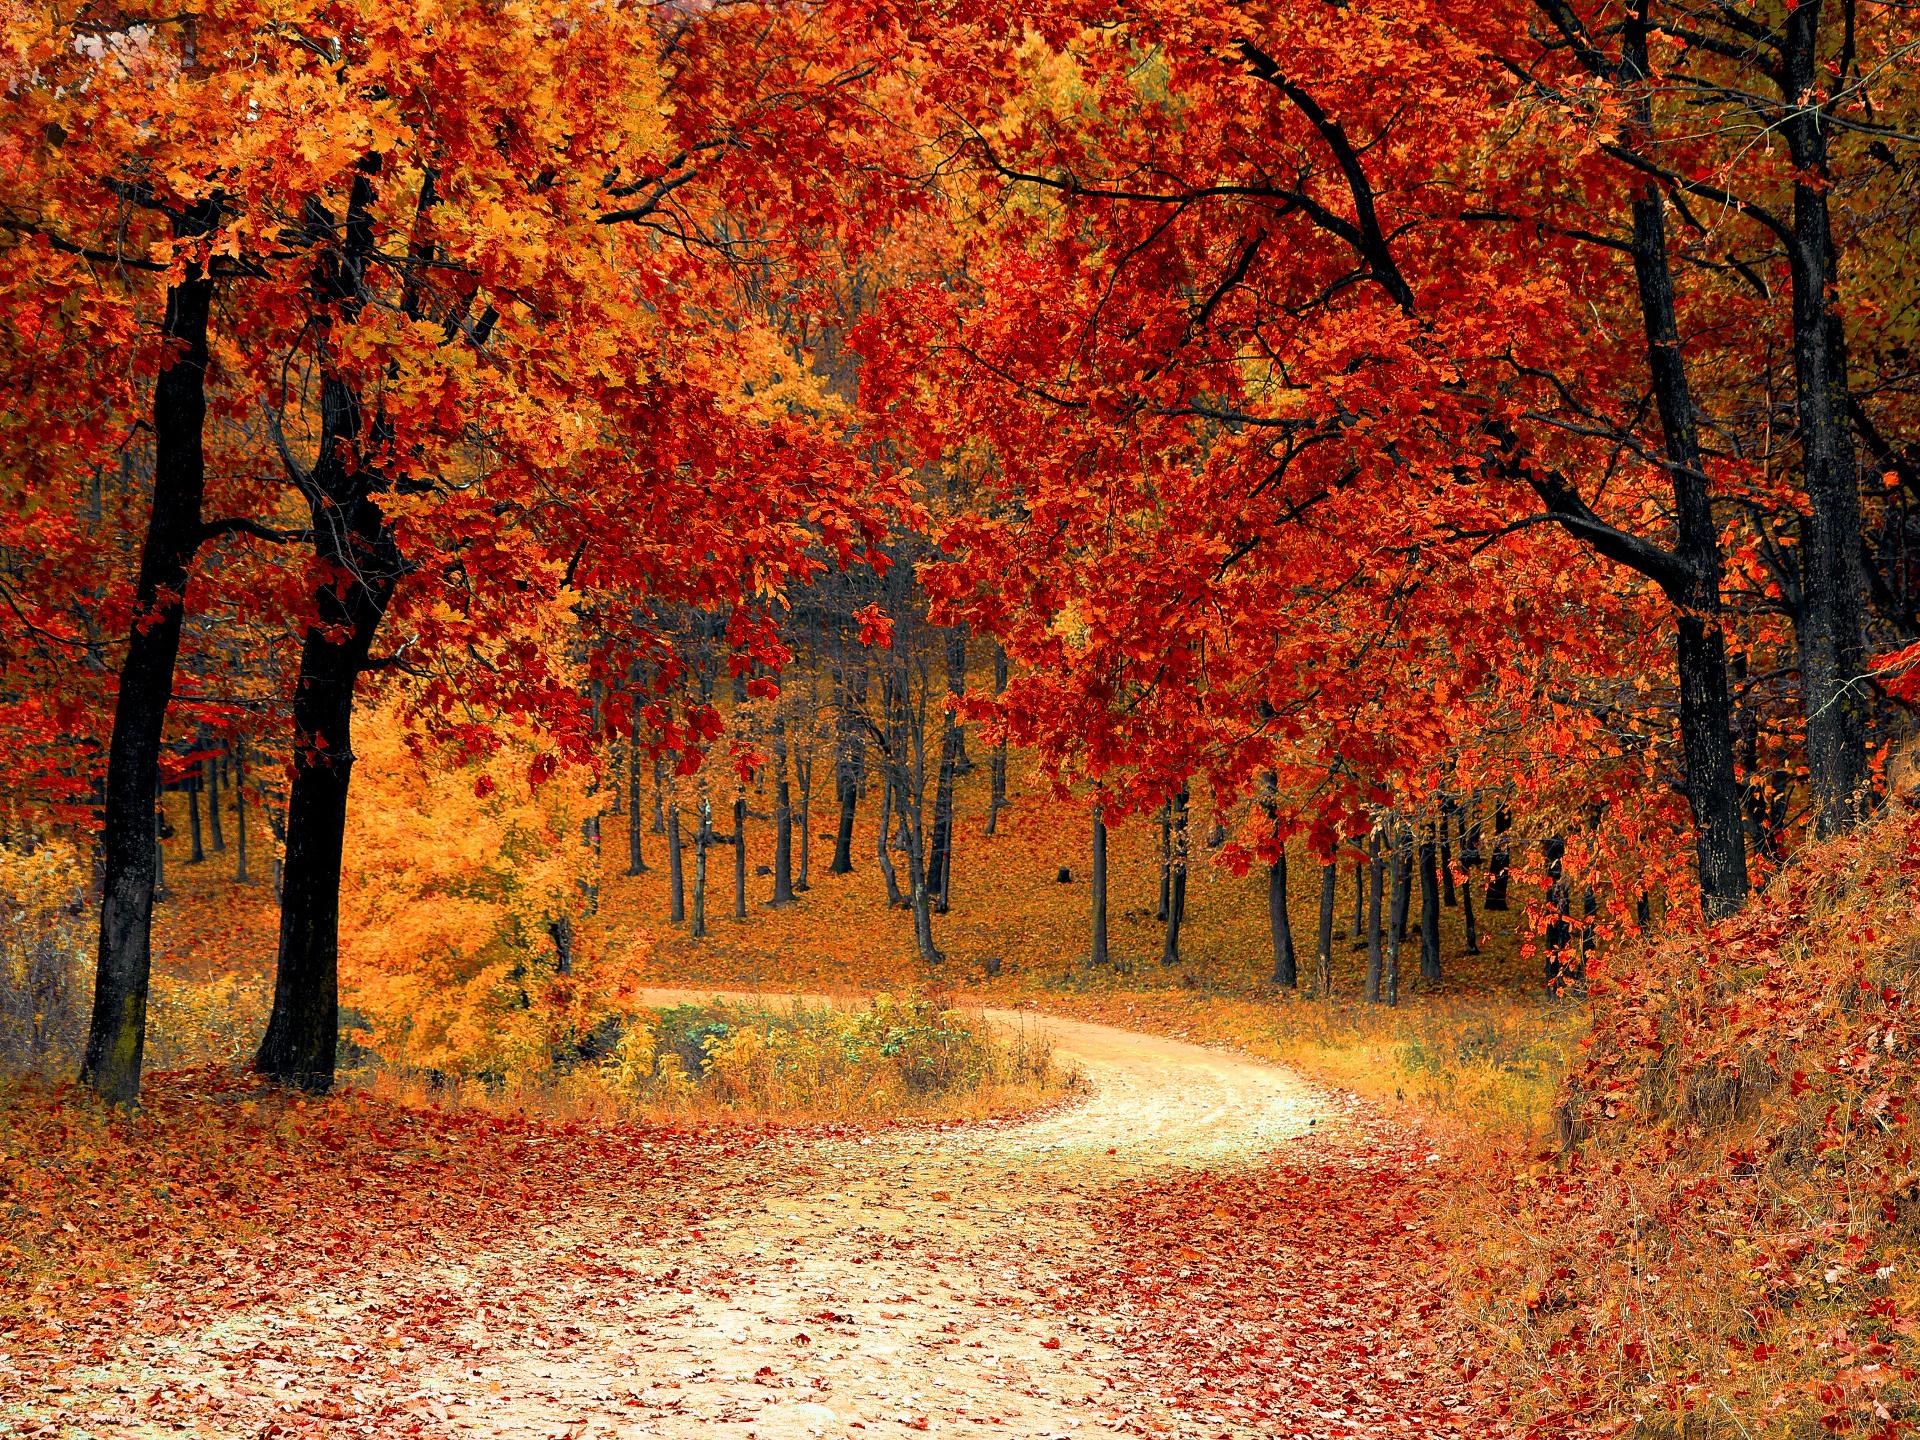 Durch das Zurückziehen der Energien verfärben sich die Blätter der Bäume in alle Schattierungen von gelb bis rot. - Photocredit: pixabay.com/valiunic